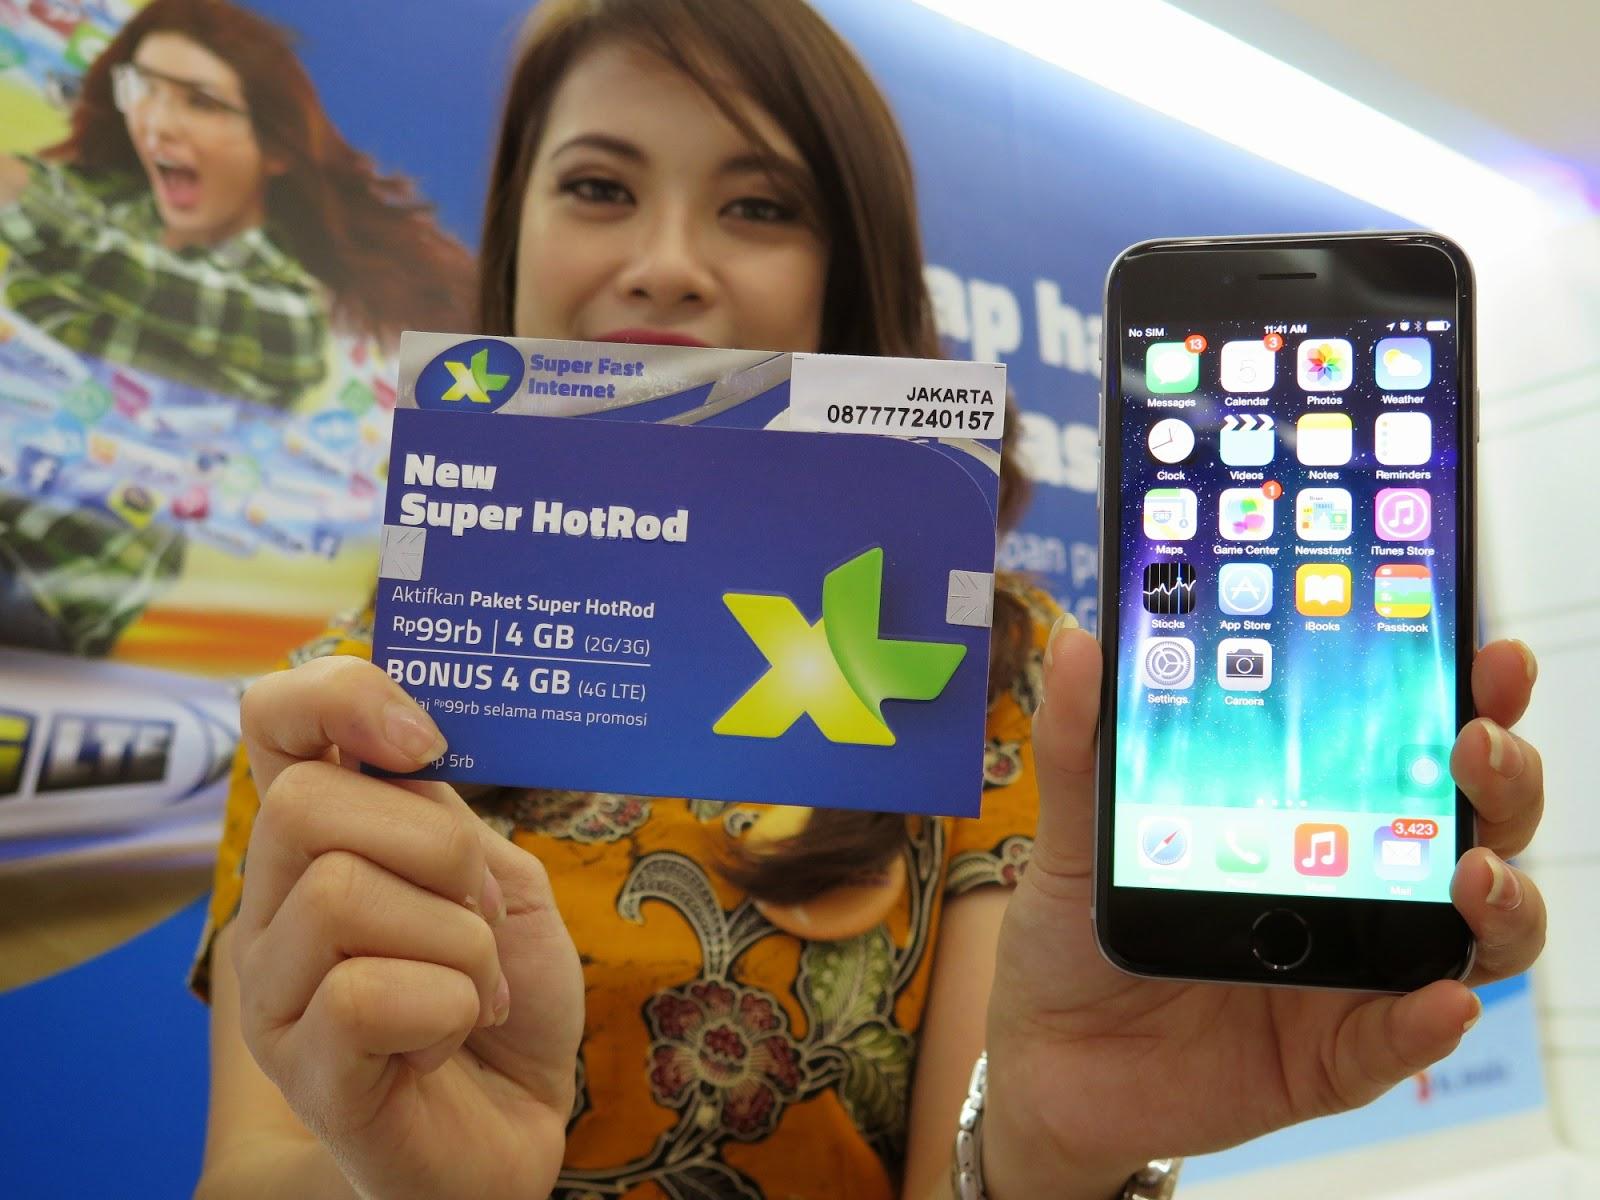 XL Siapkan Bundling Iphone 6 dan Iphone 6 Plus